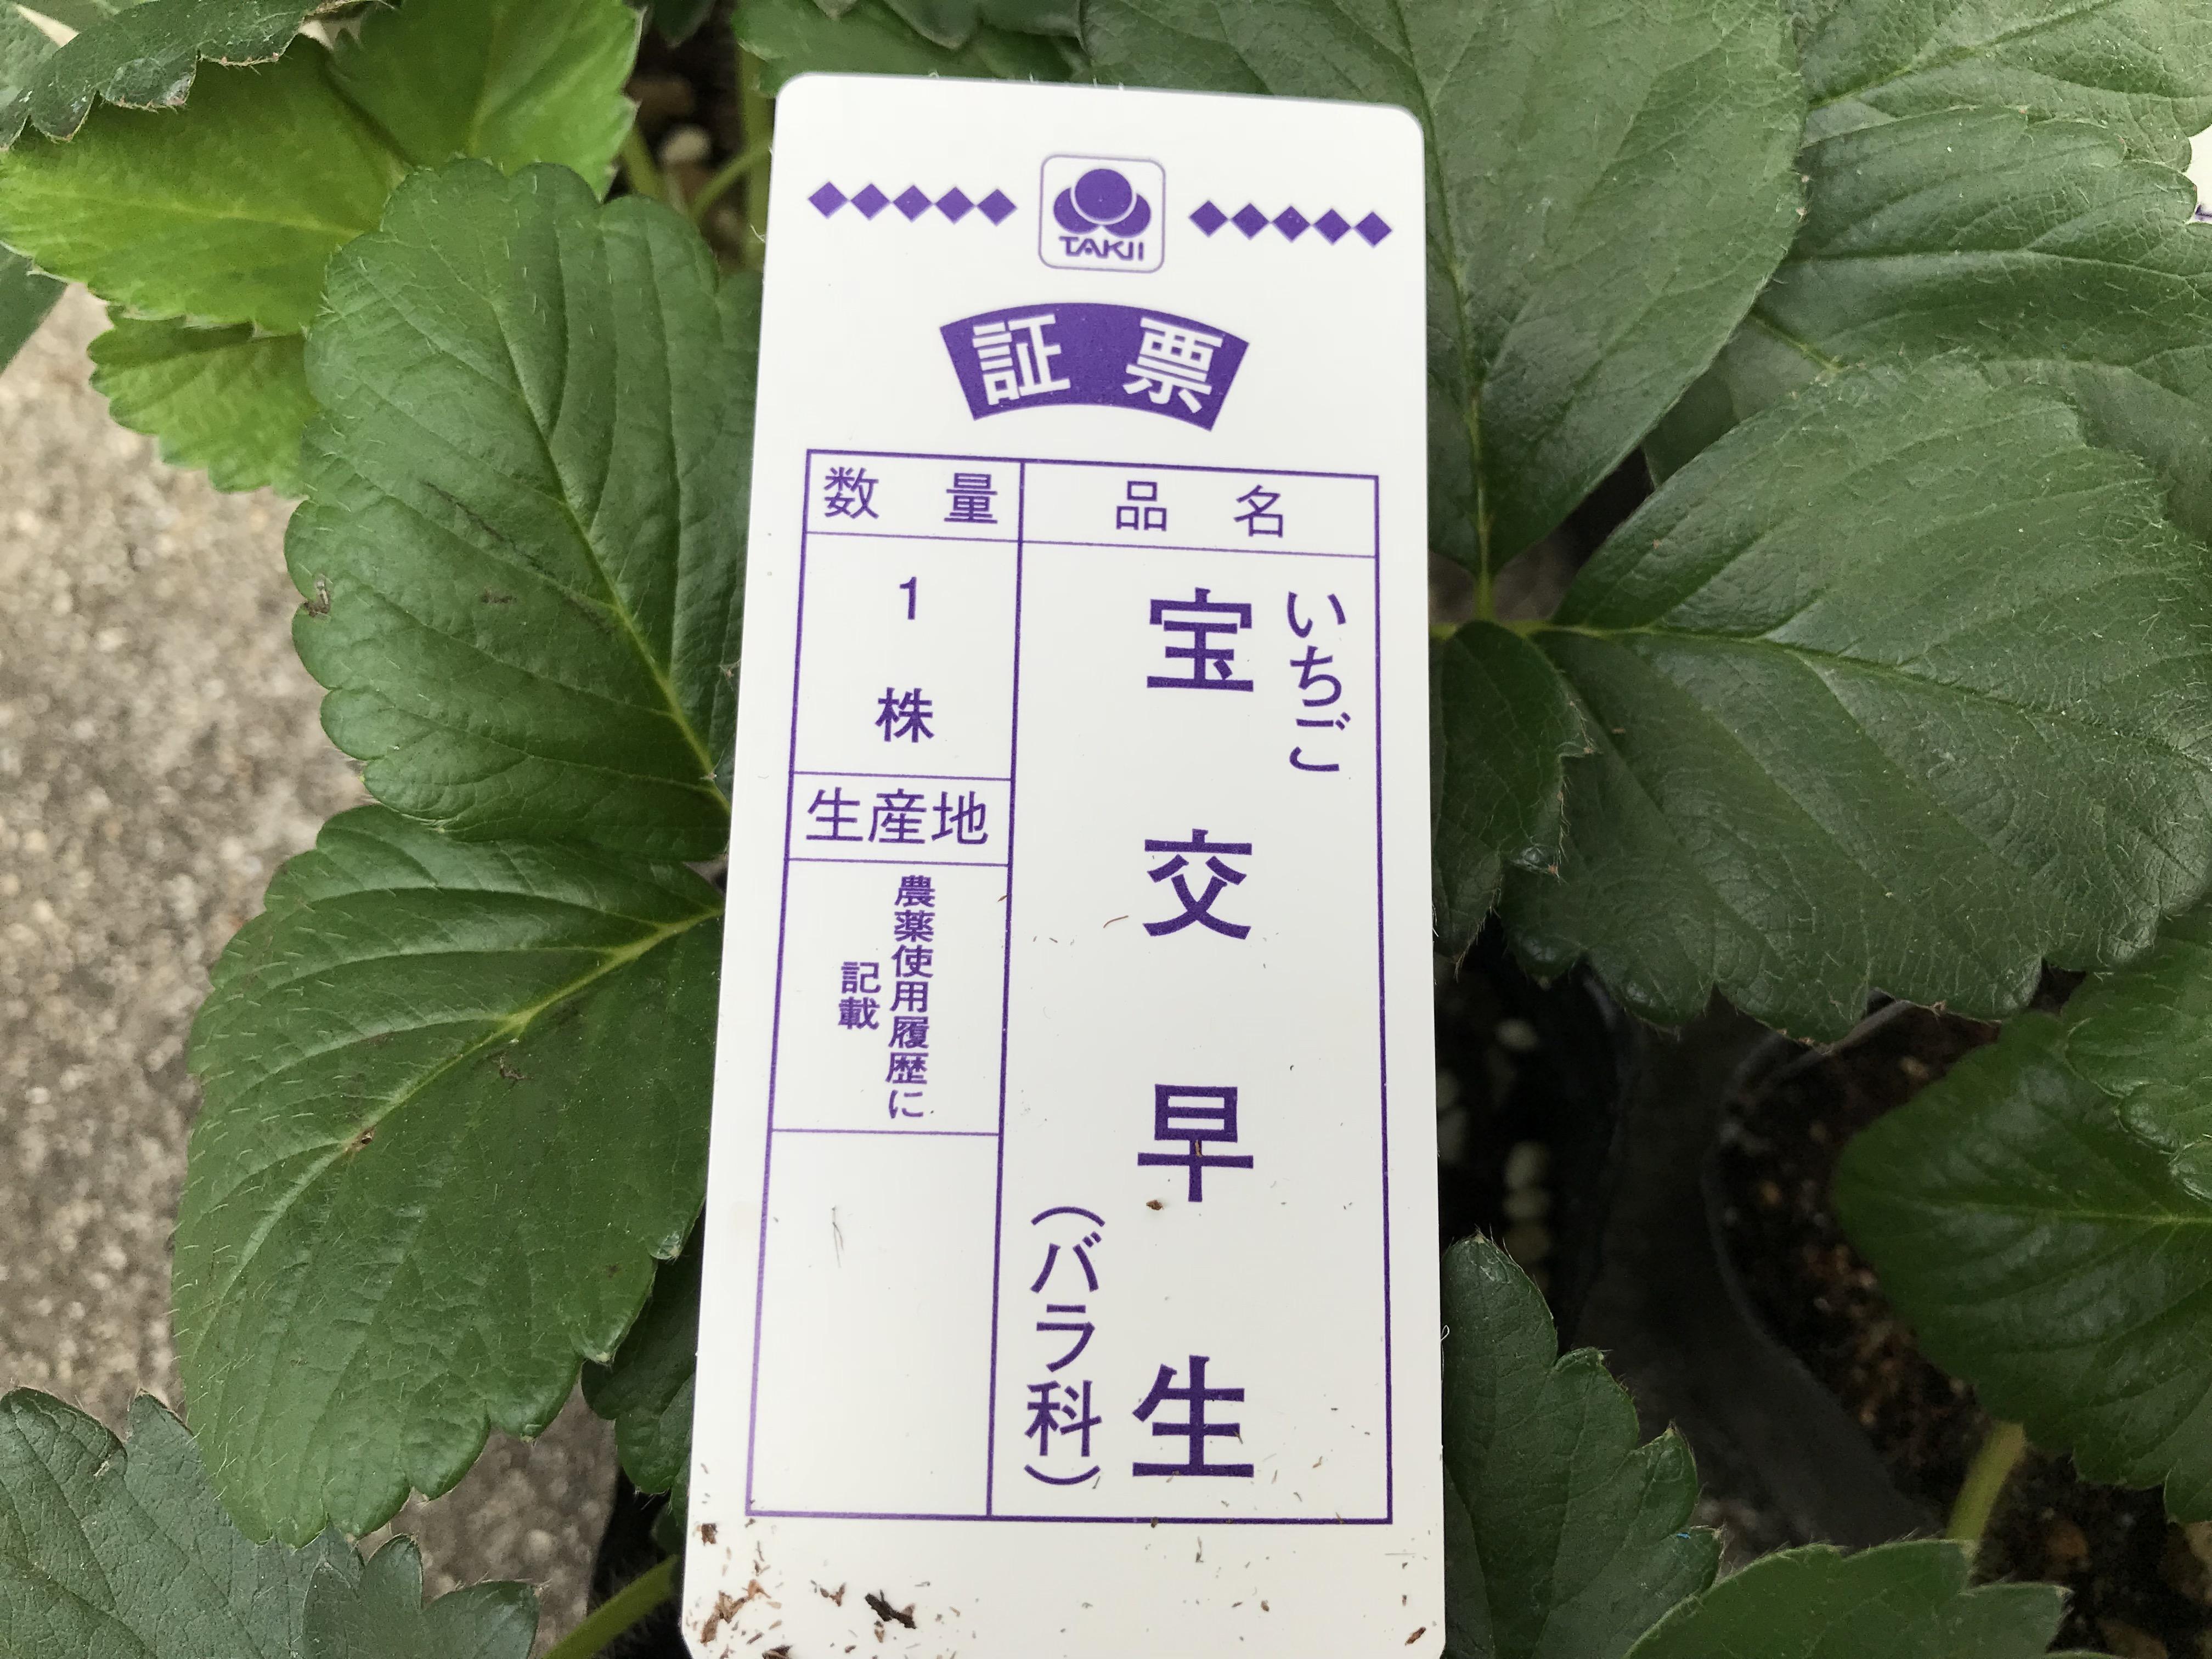 イチゴ苗の植え付け 宝交早生を購入して鉢植えにするまで